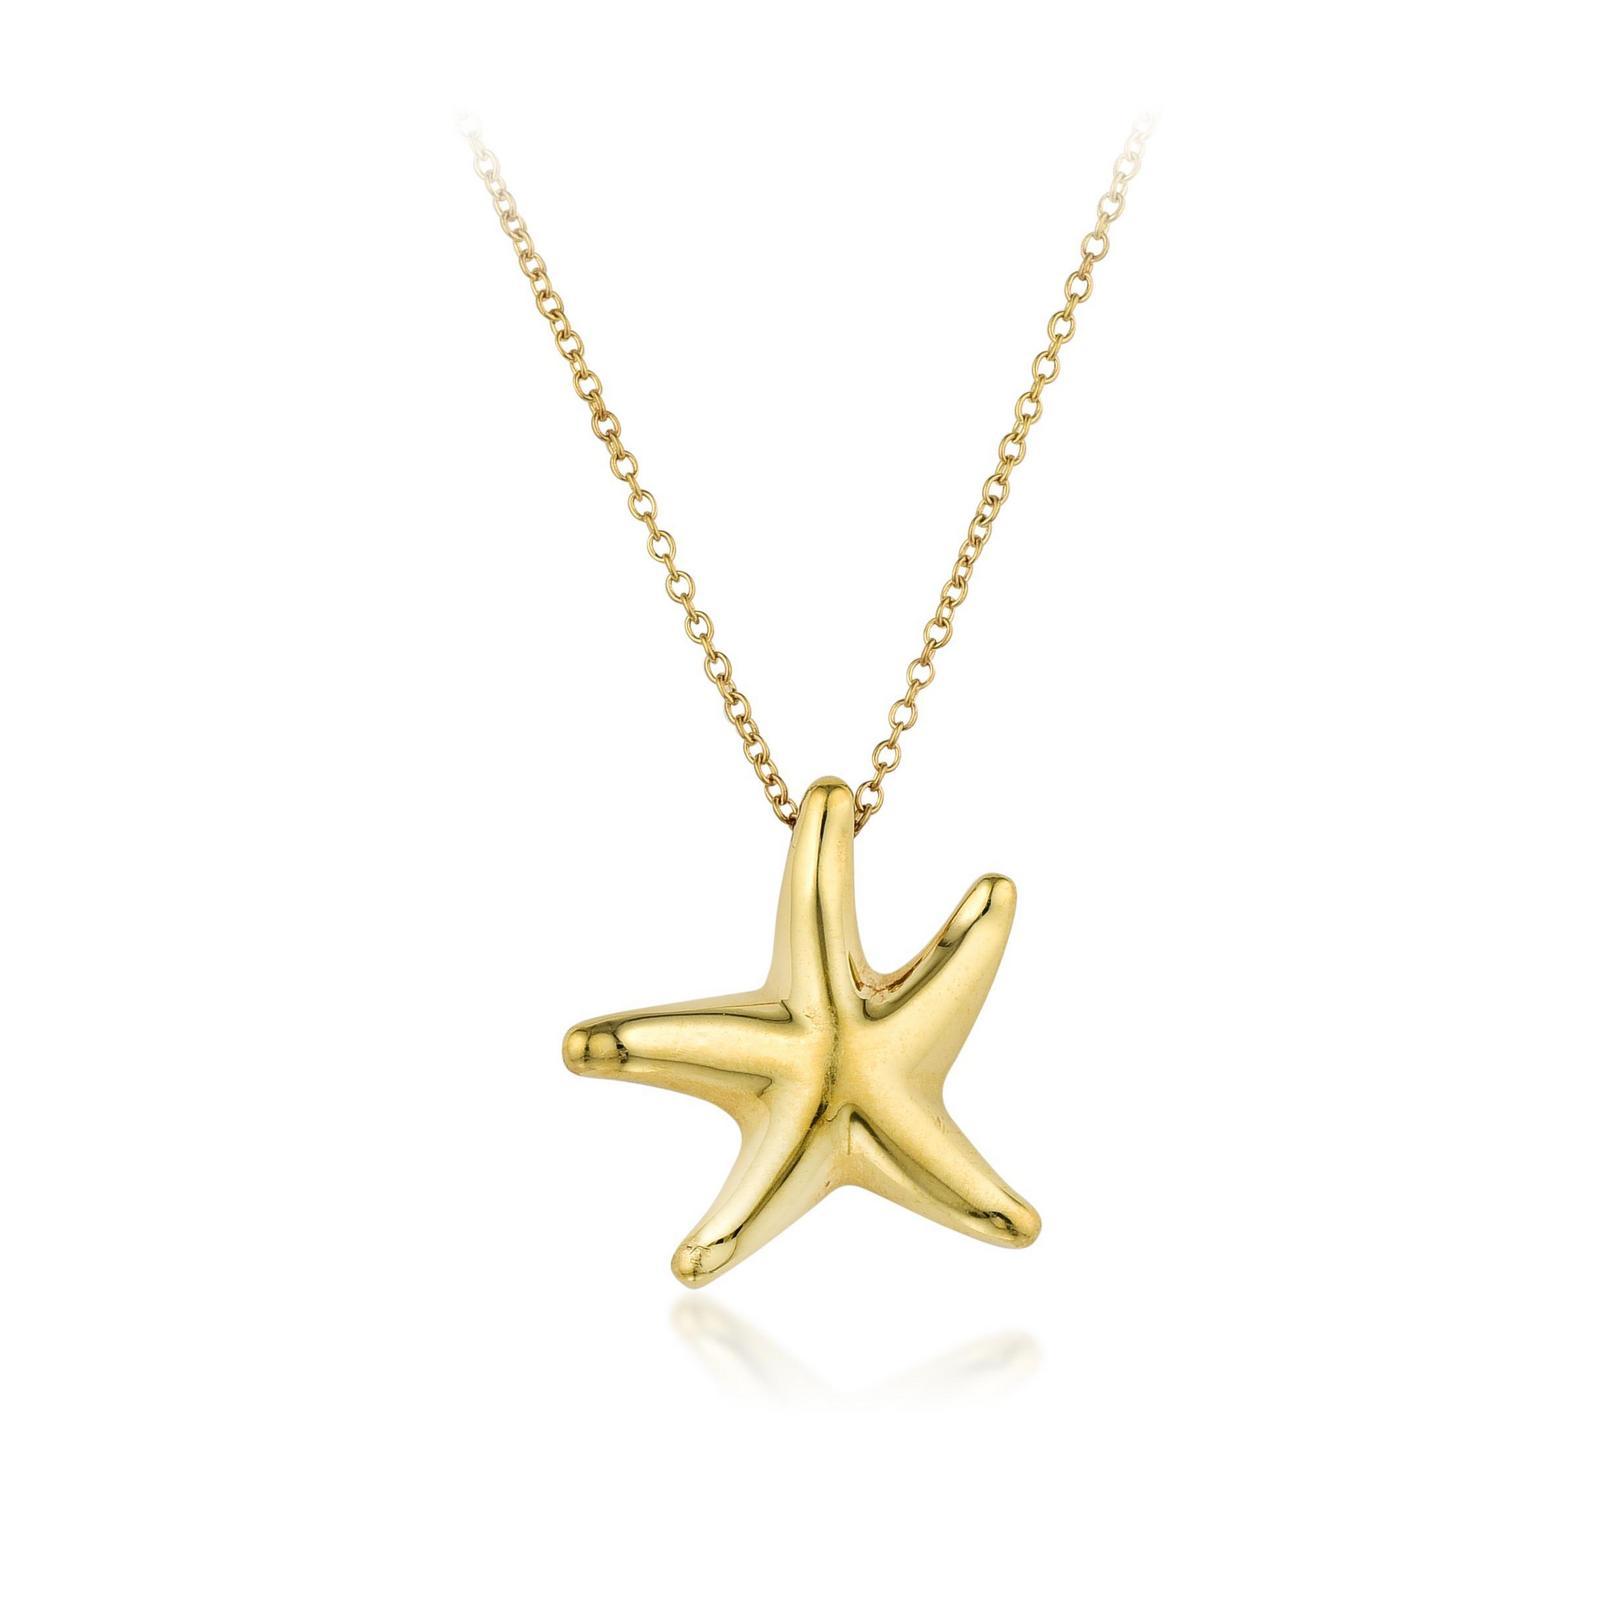 620e14819c128 Elsa Peretti Tiffany & Co. 18K Gold Starfish Pendant Necklace ...